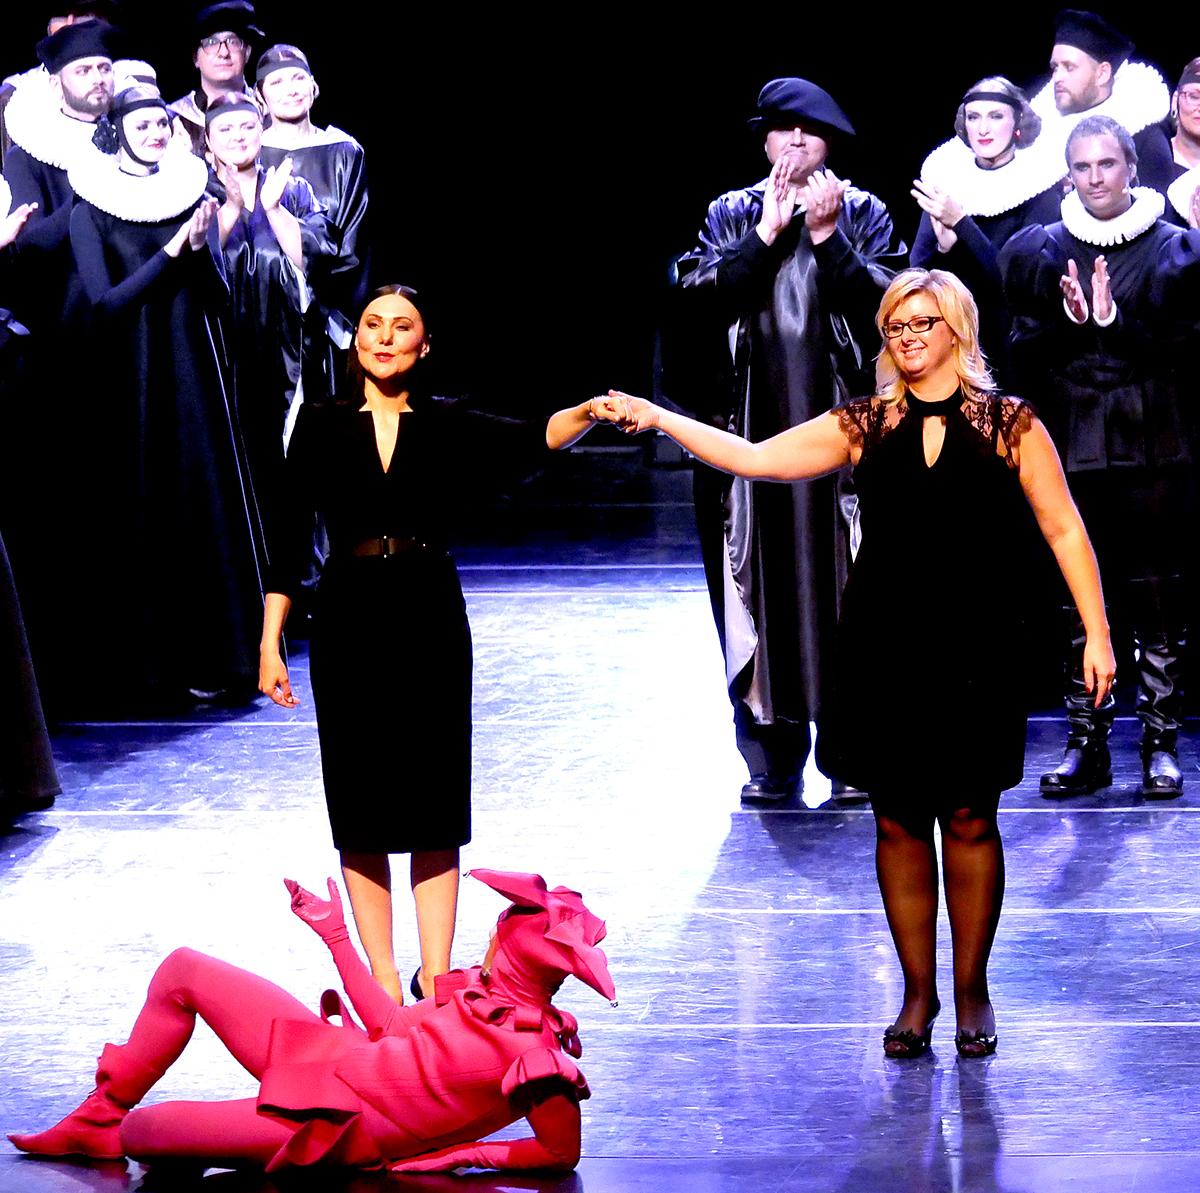 Spektaklio pabaigoje į sceną išėjo miuziklo režisierė Anželika Cholina (k.) ir pagrindinė renginio organizatorė Austėja Sruoga.